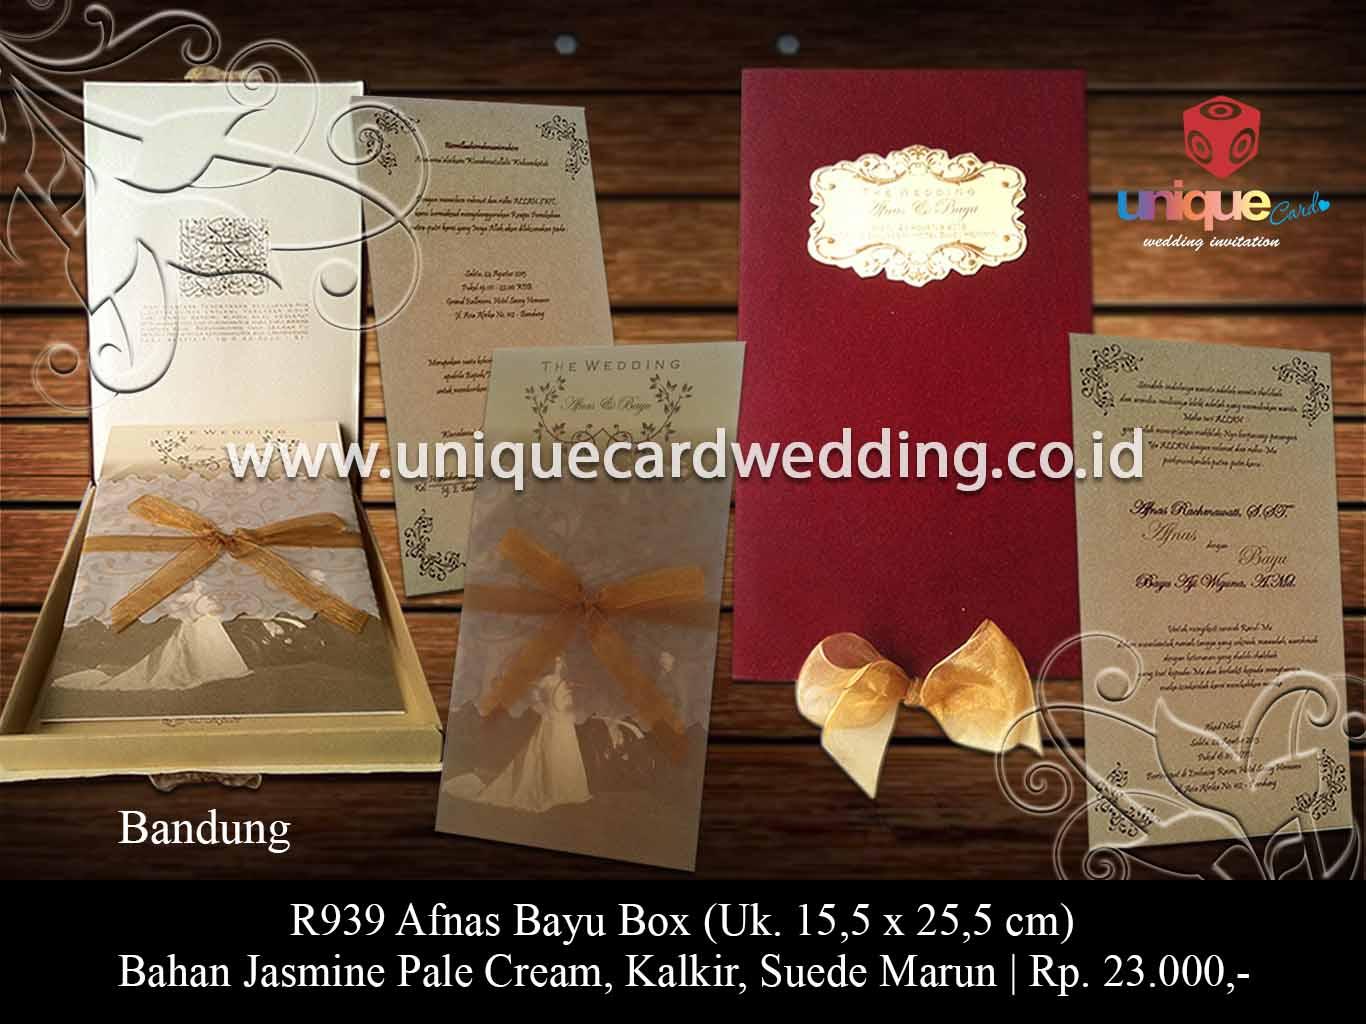 Undangan Pernikahan Termahal Di Dunia Unique Card Wedding